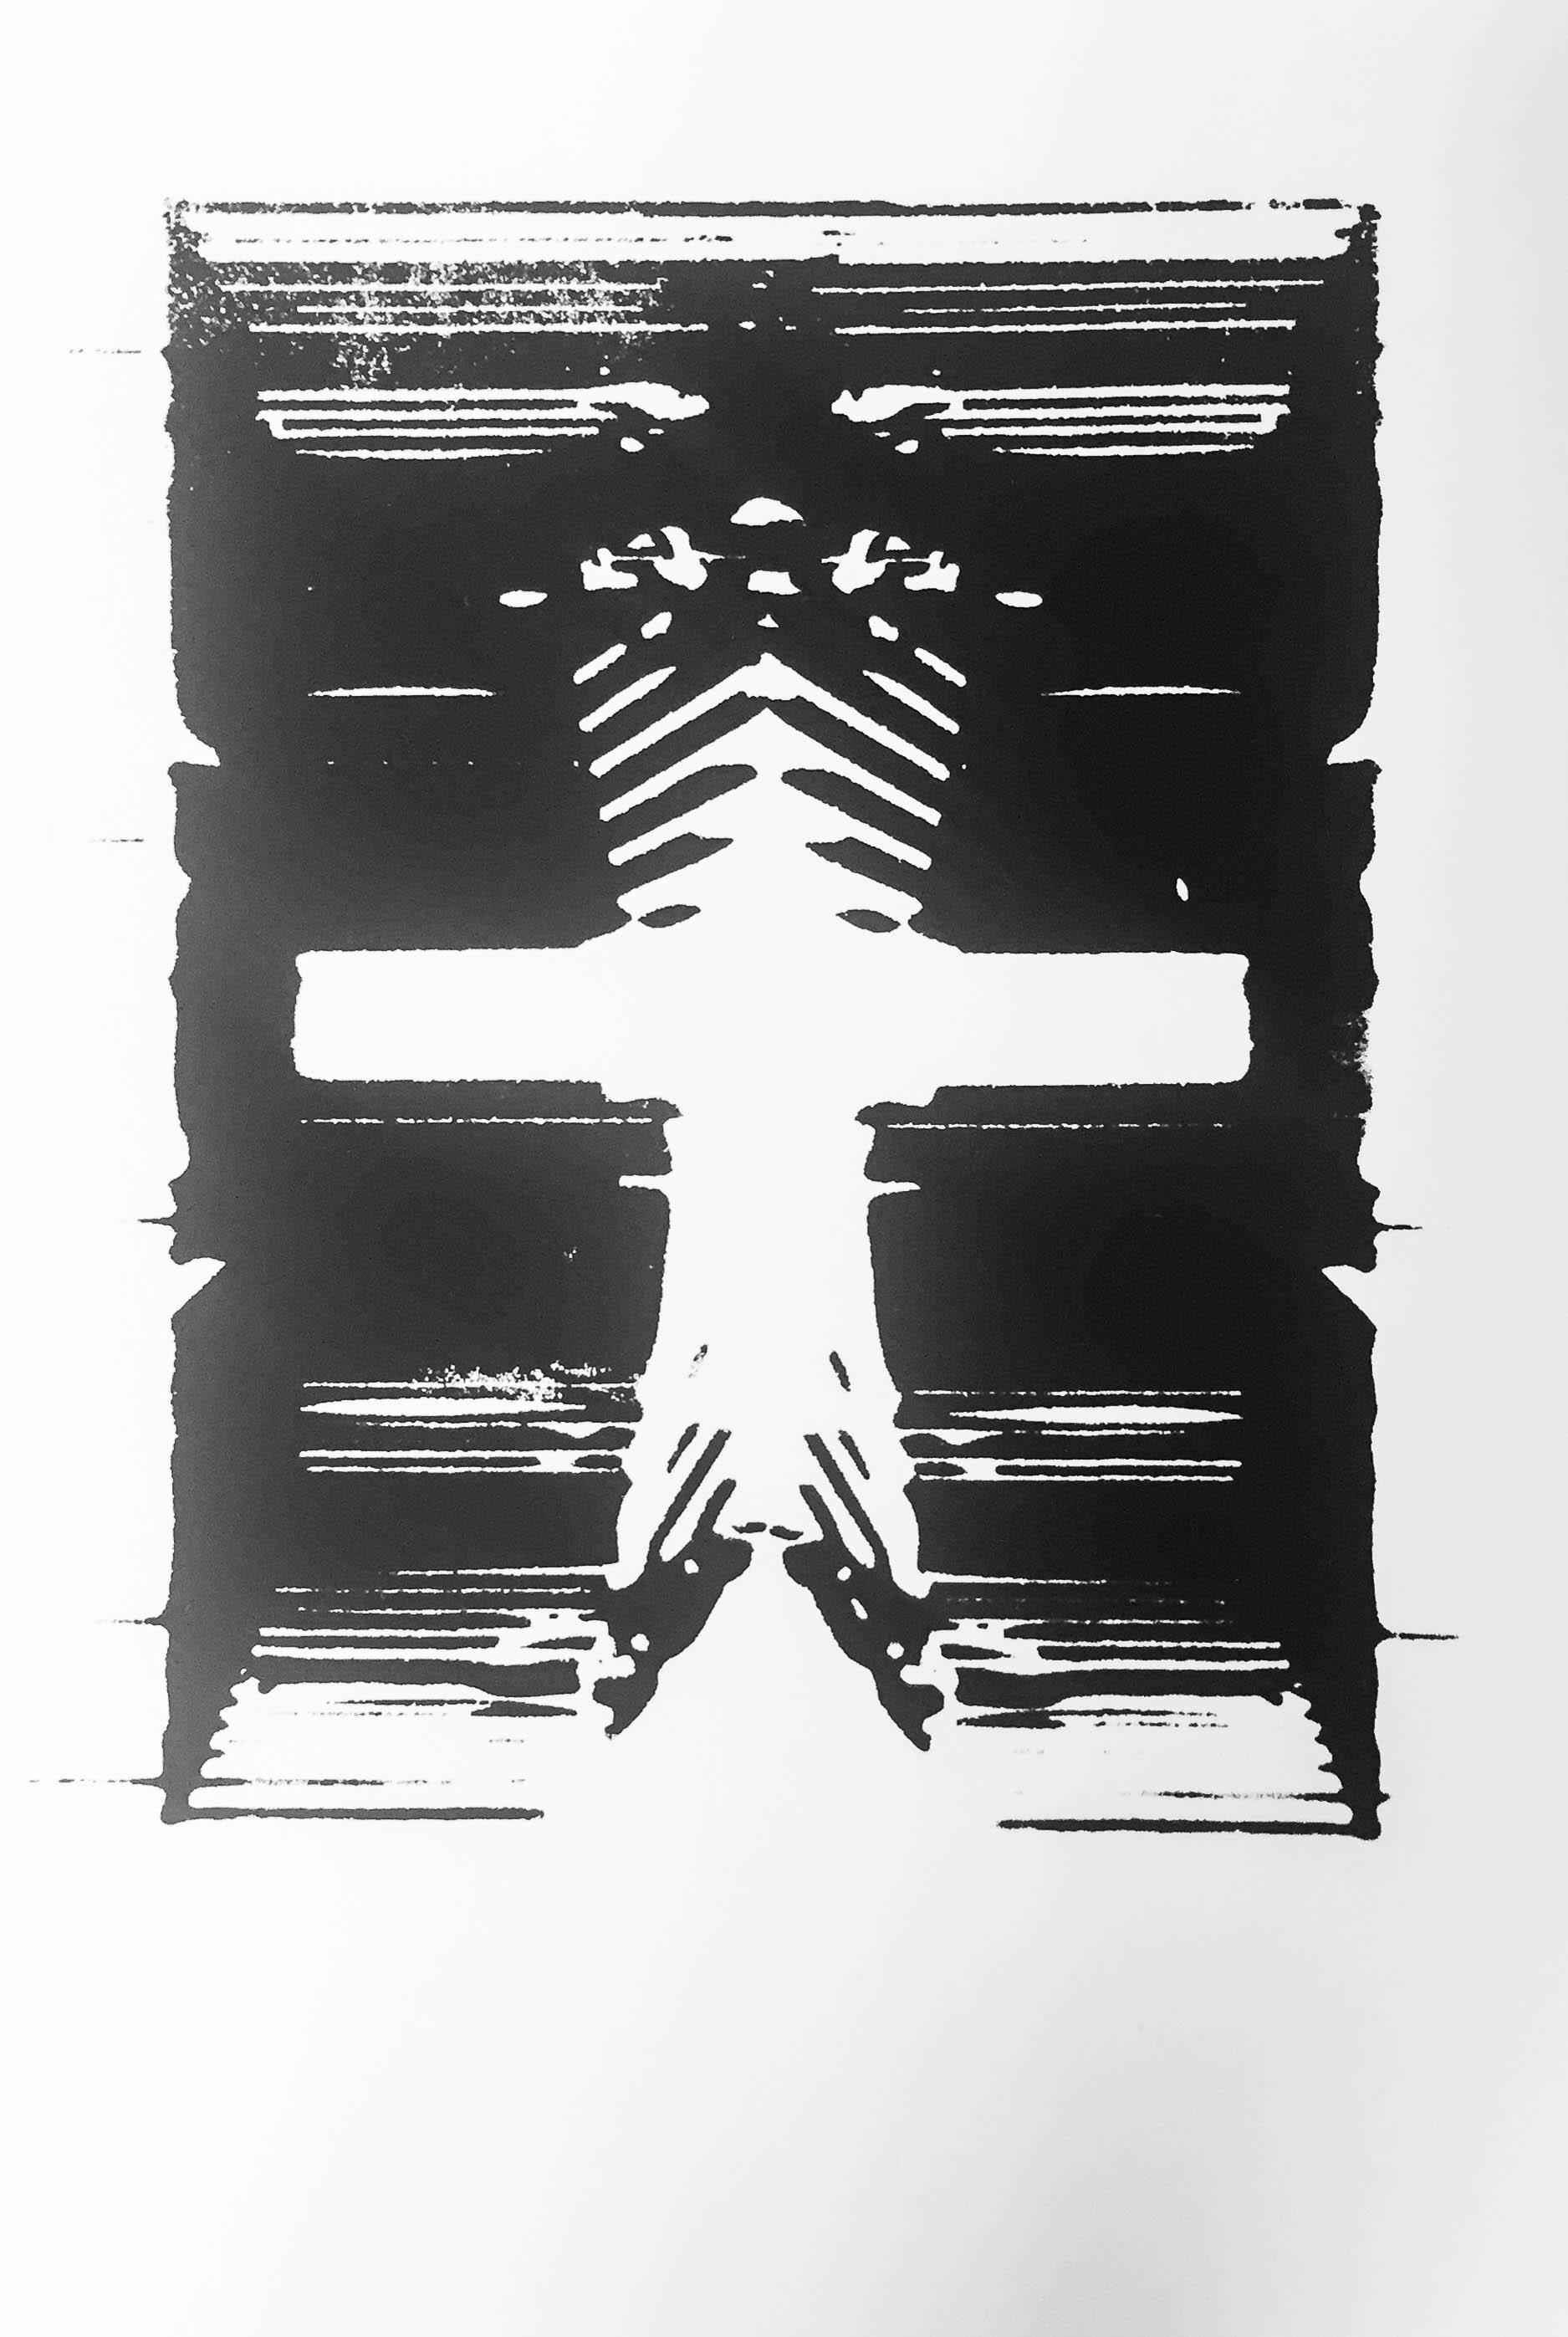 - Algorithm Inkblot VI, serigraph